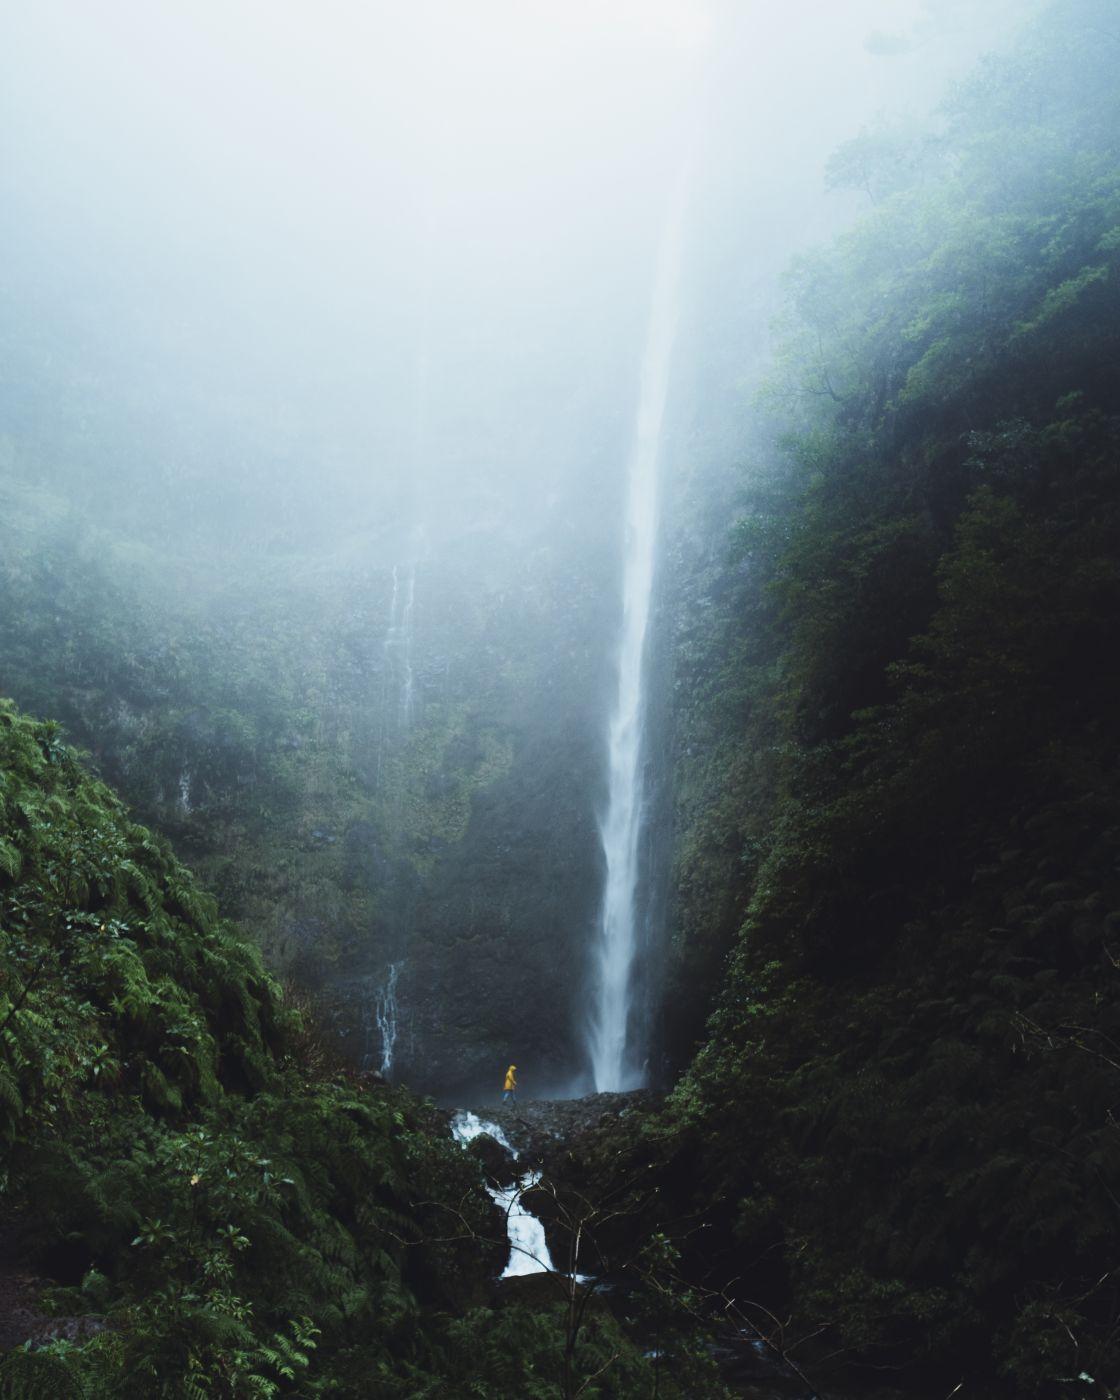 Caldeirão Verde waterfall, Portugal